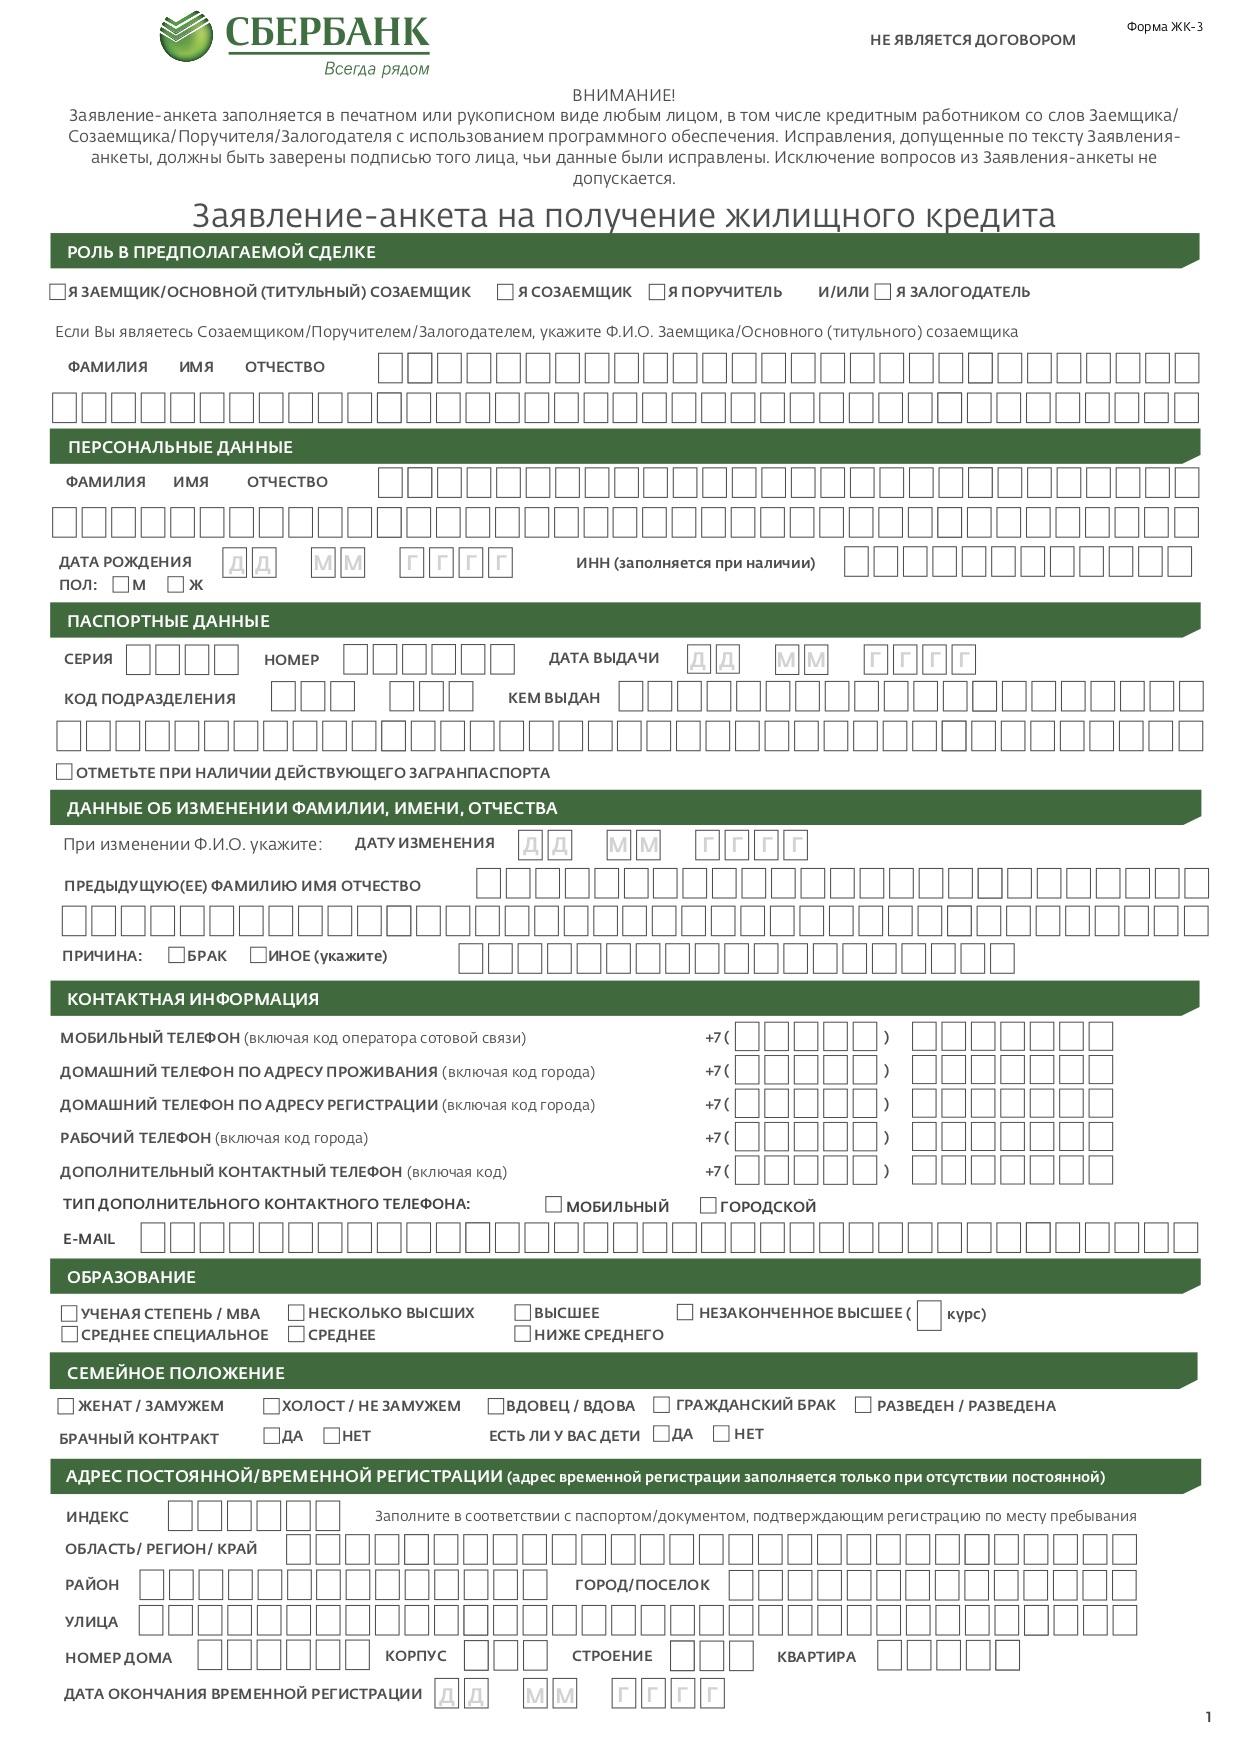 Заявление-анкета Сбербанк 2019 образец скачать бесплатно типовой бланк пример форма